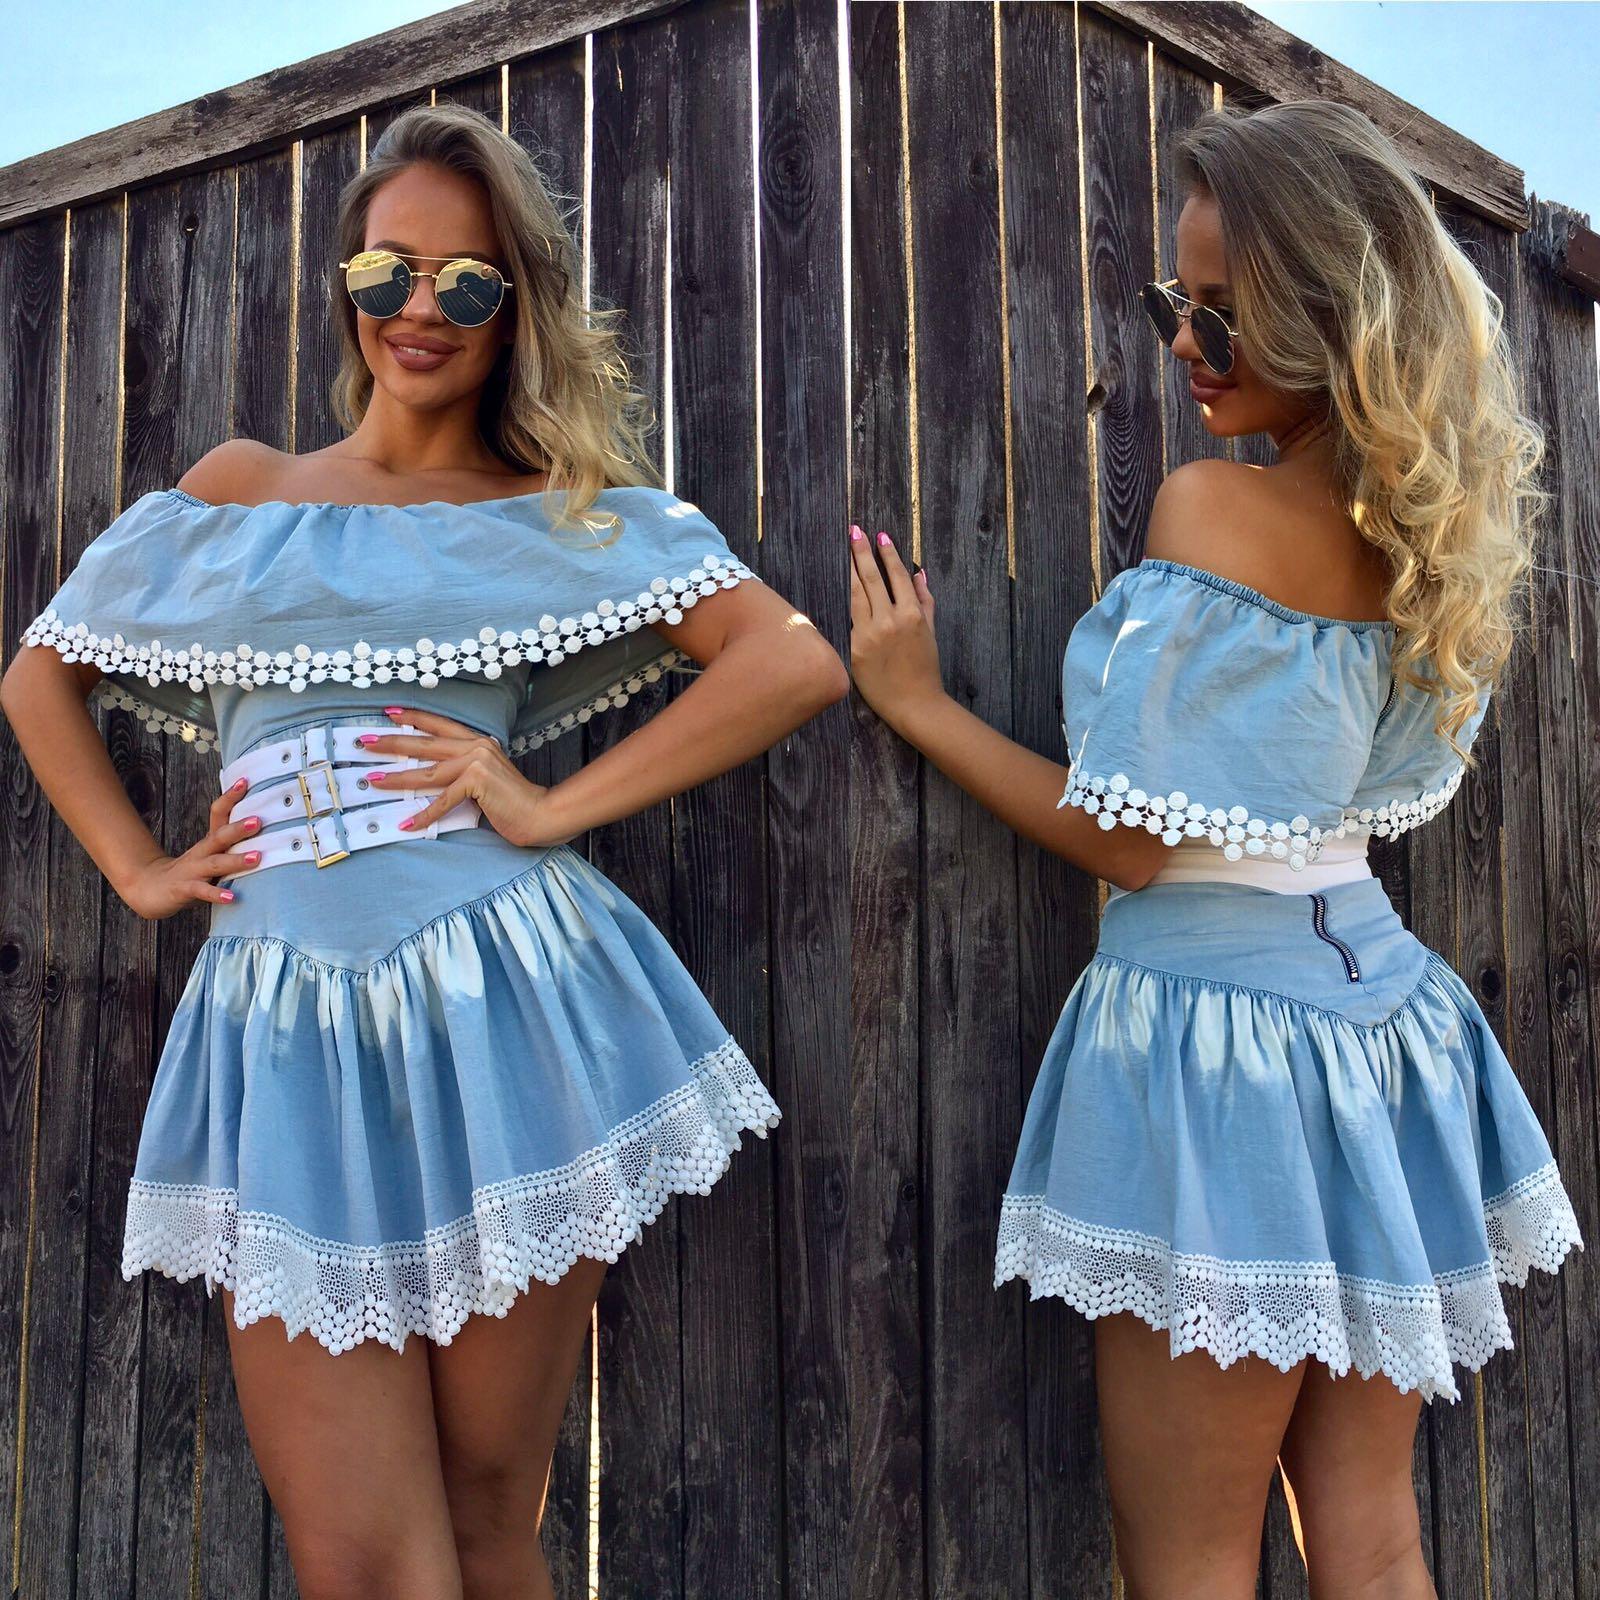 Dámske svetlé riflové šaty Foggi s krajkou - S odporúčame pre XS